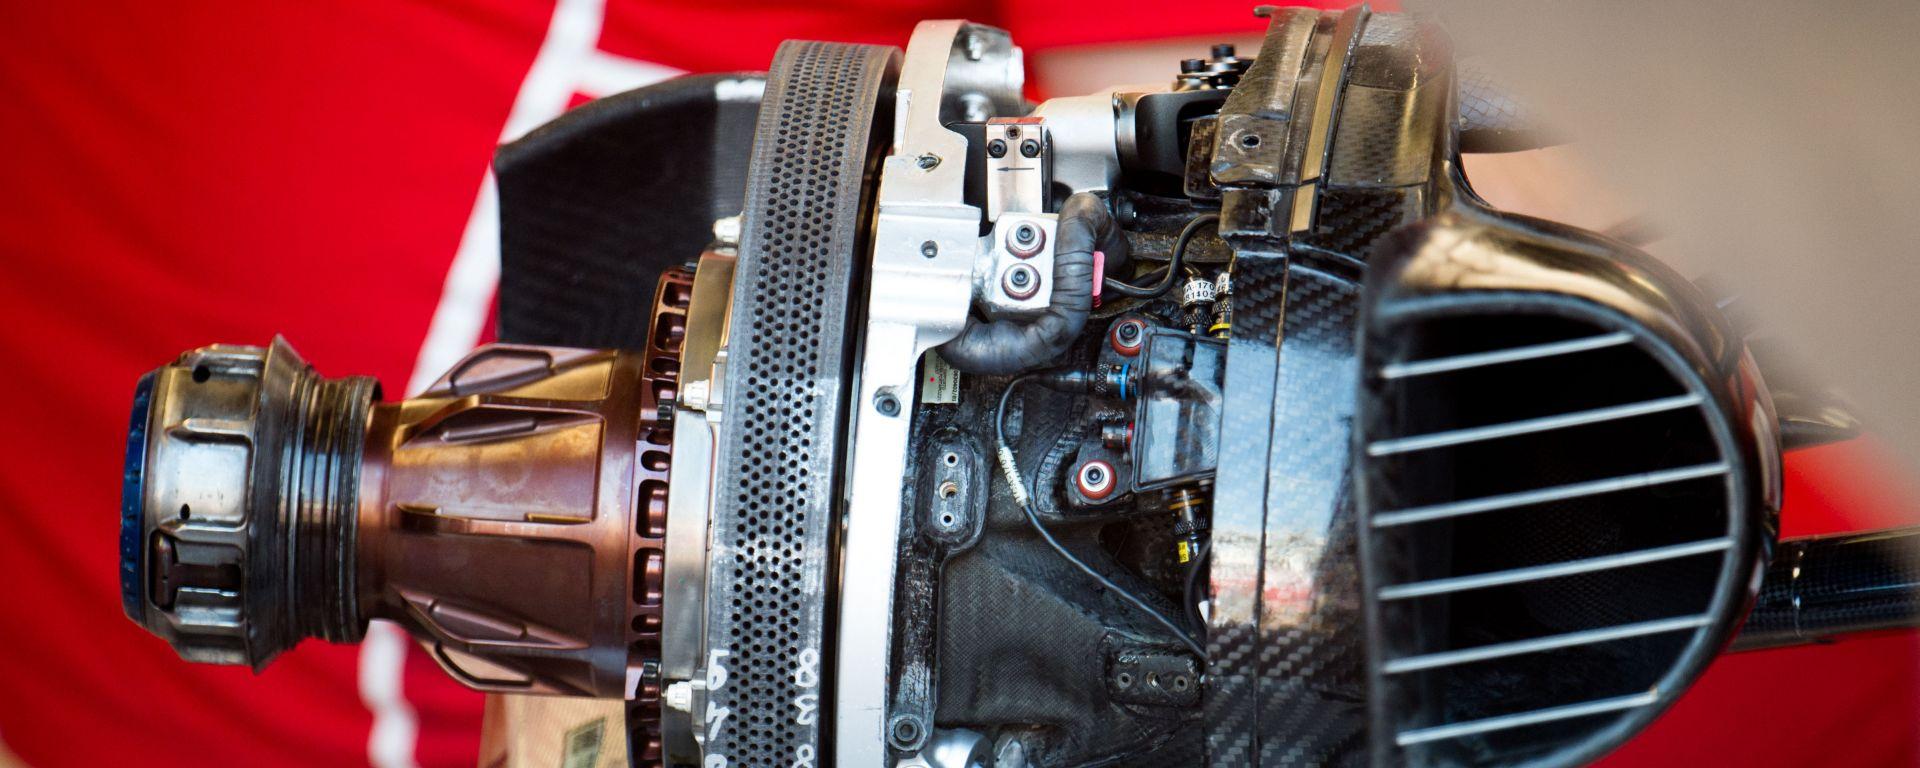 Il sistema frenante Brembo montato sulla Ferrari F1